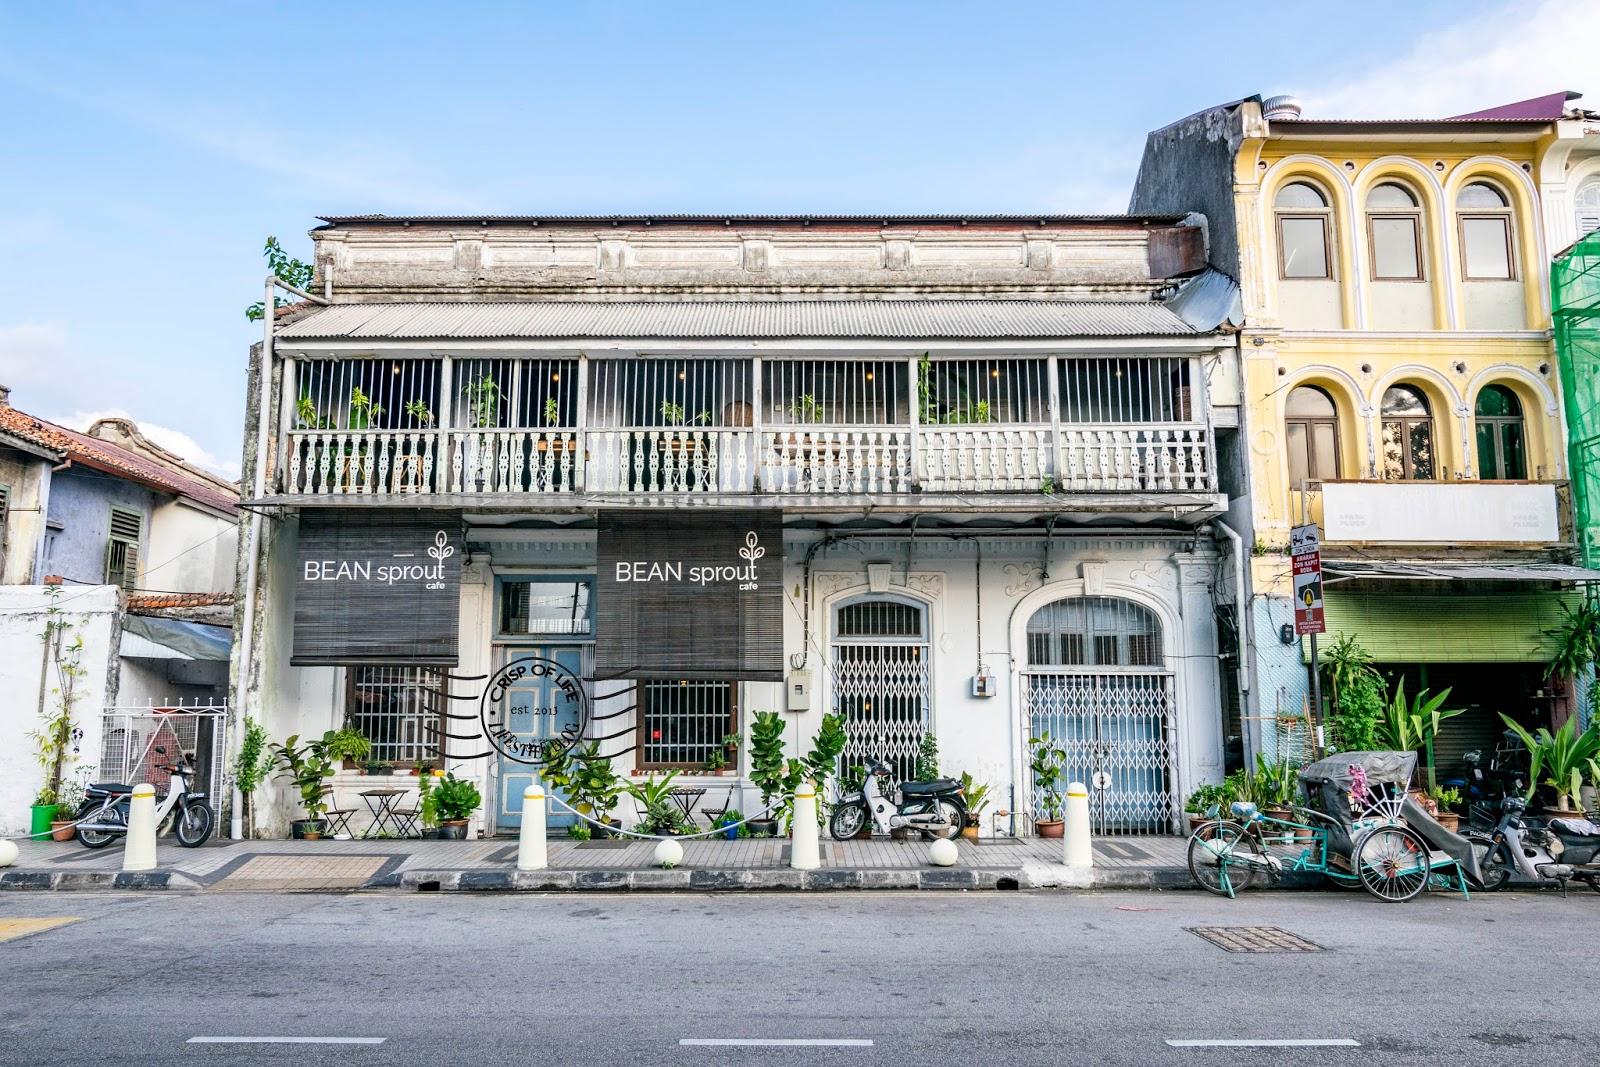 Bean Sprout Cafe Jalan Masjid Kapitan Keling Georgetown Penang